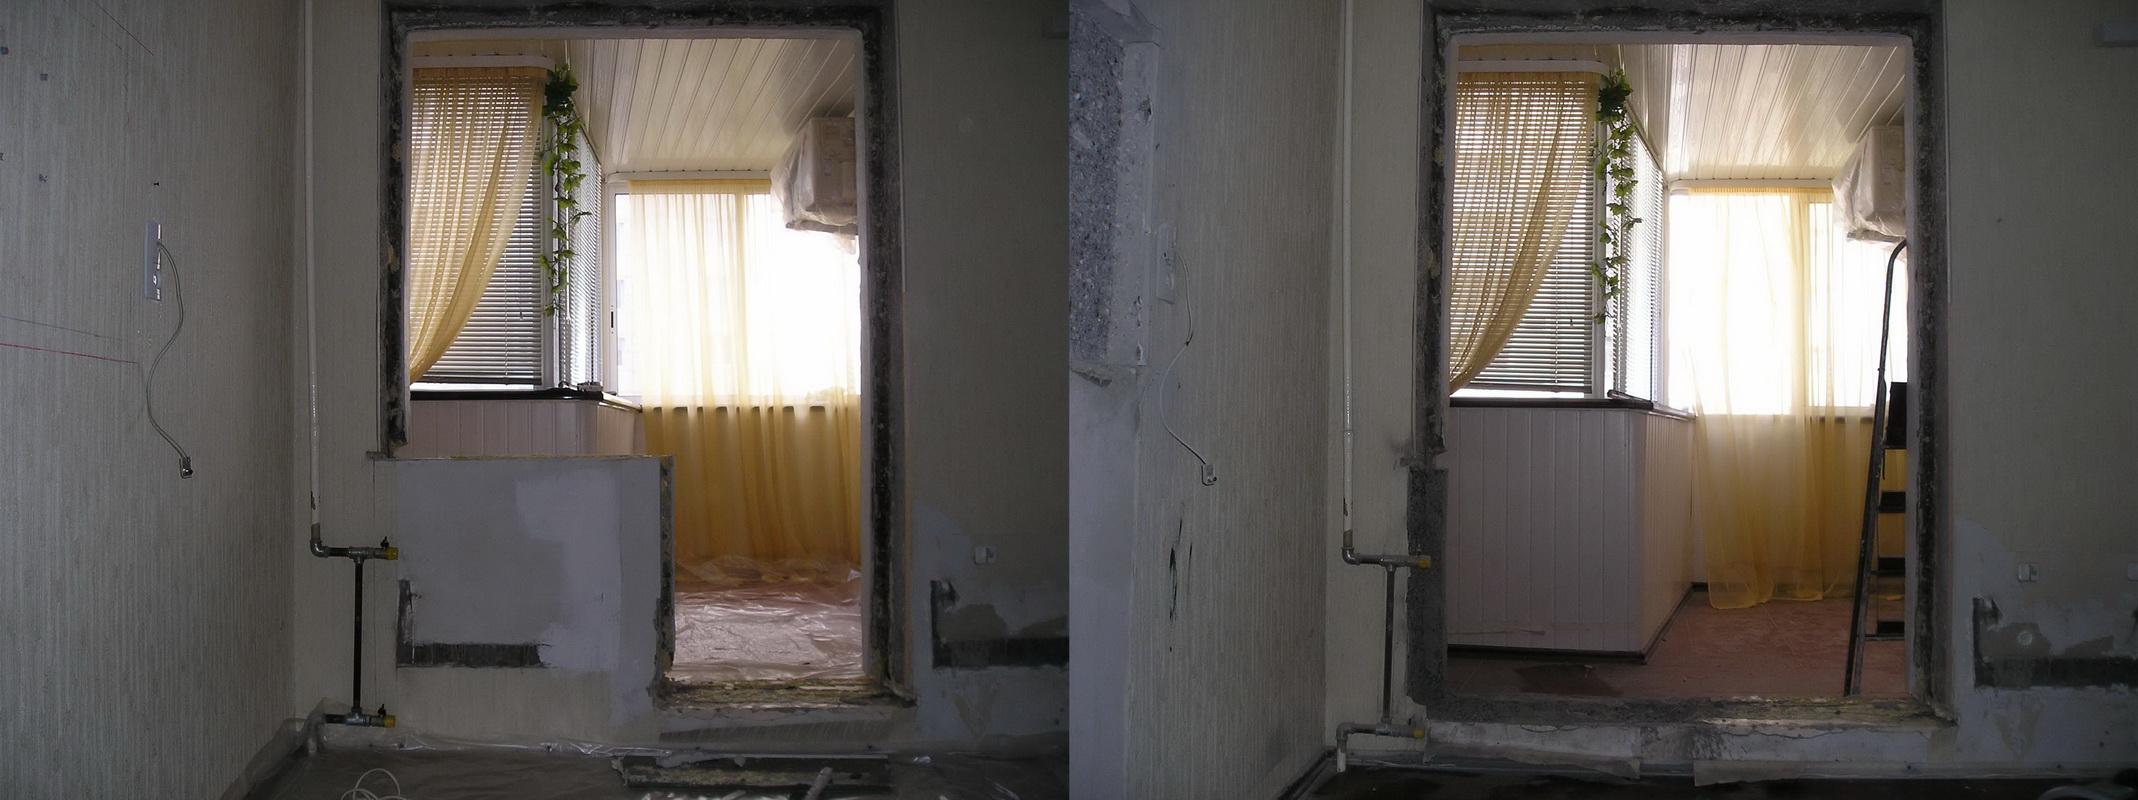 Укрепление проемов при объединении балкона.